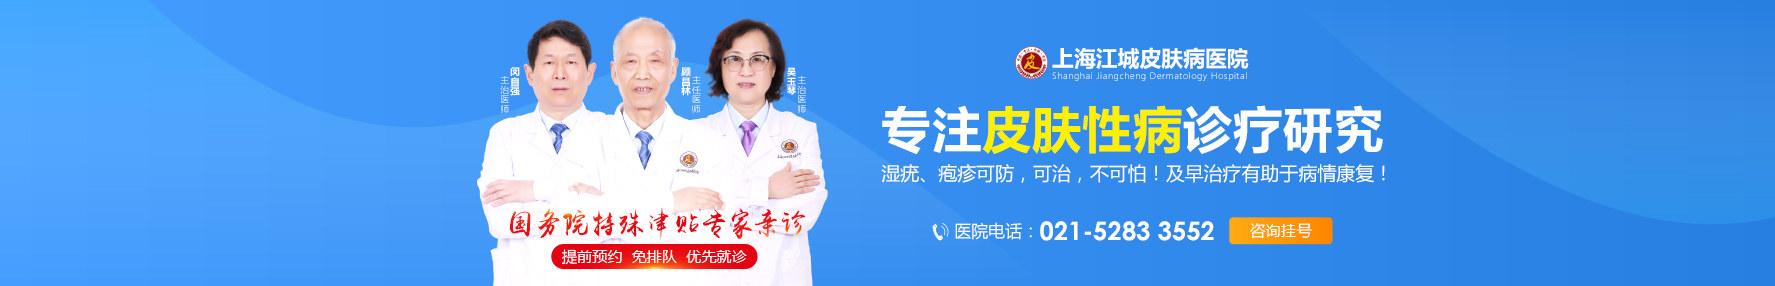 上海性病在线视频偷国产精品